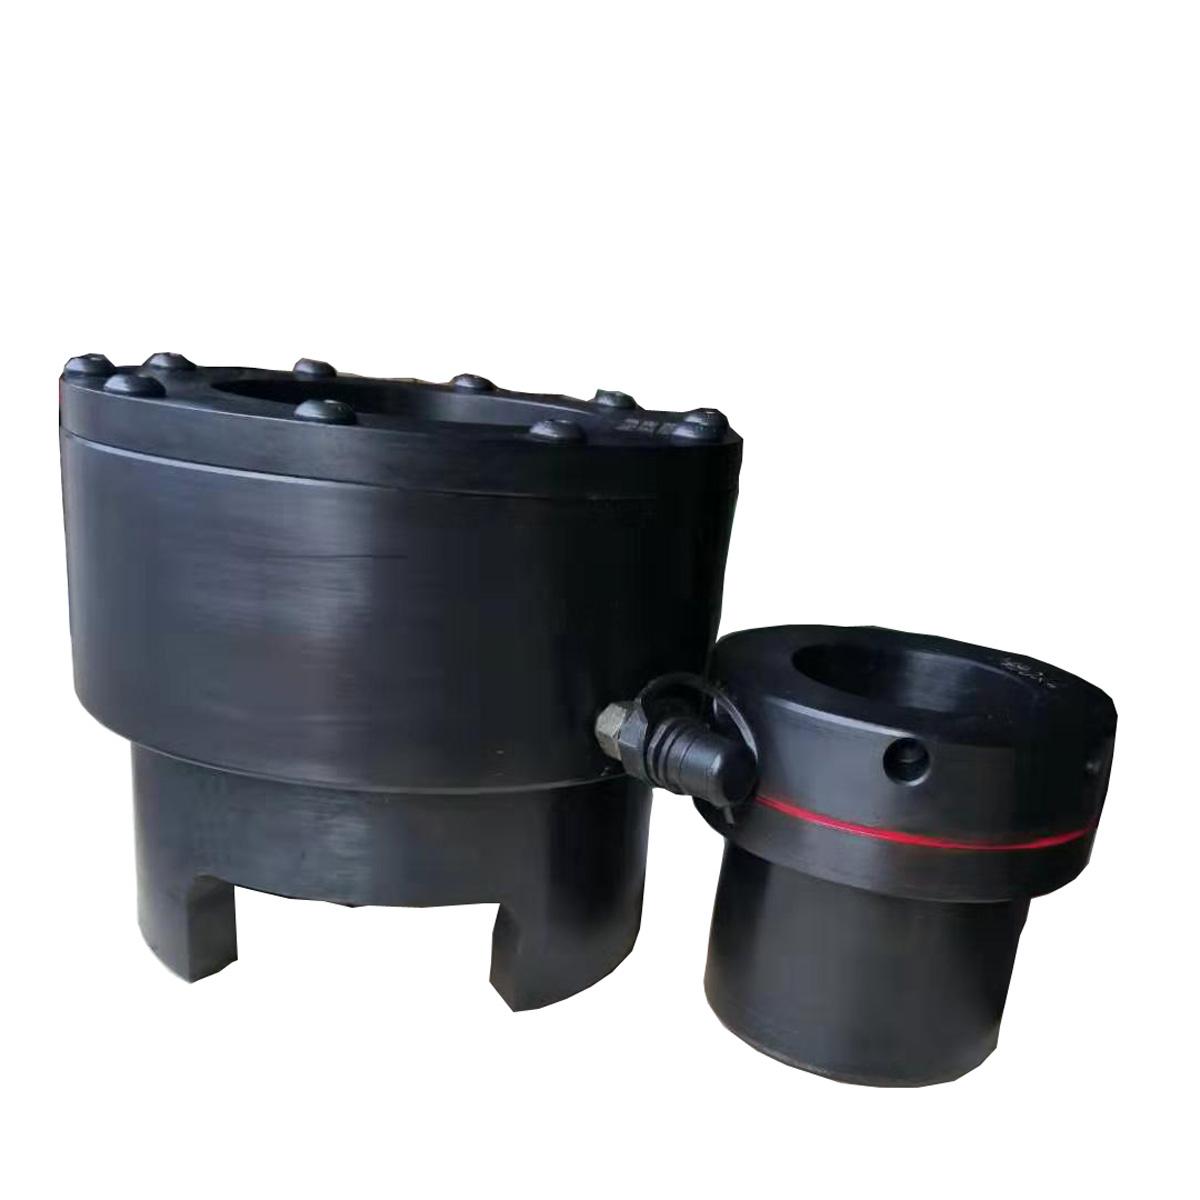 分体式液压拉伸器 博诚液压 分体式液压拉伸器厂家